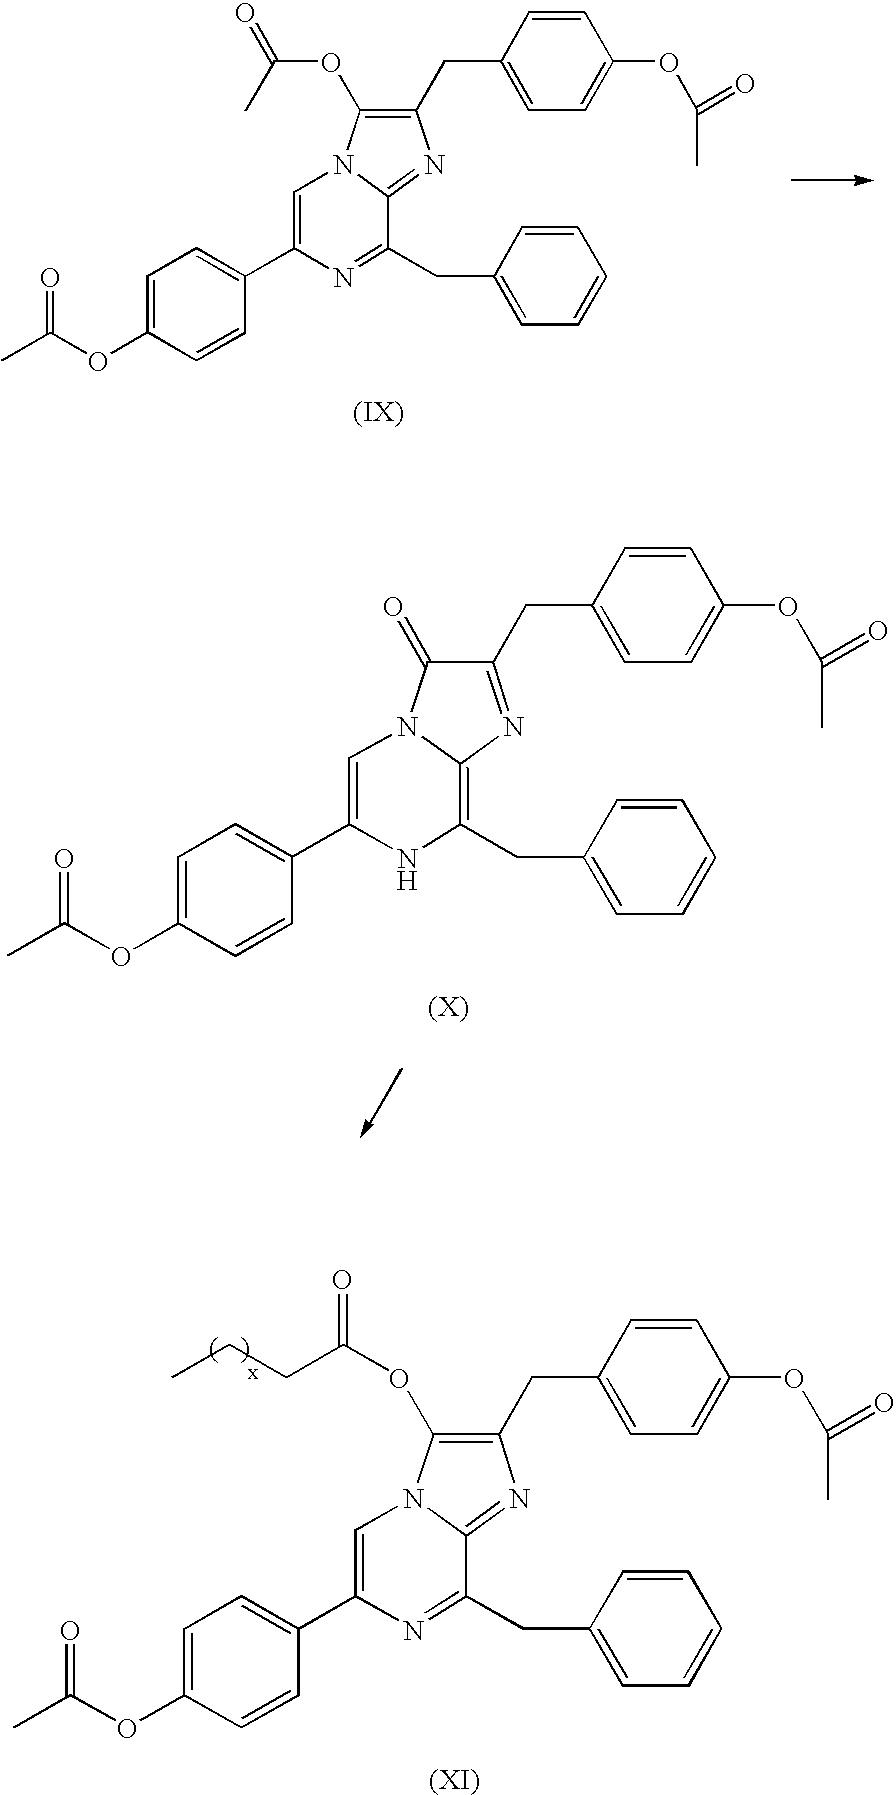 Figure US20080050760A1-20080228-C00169